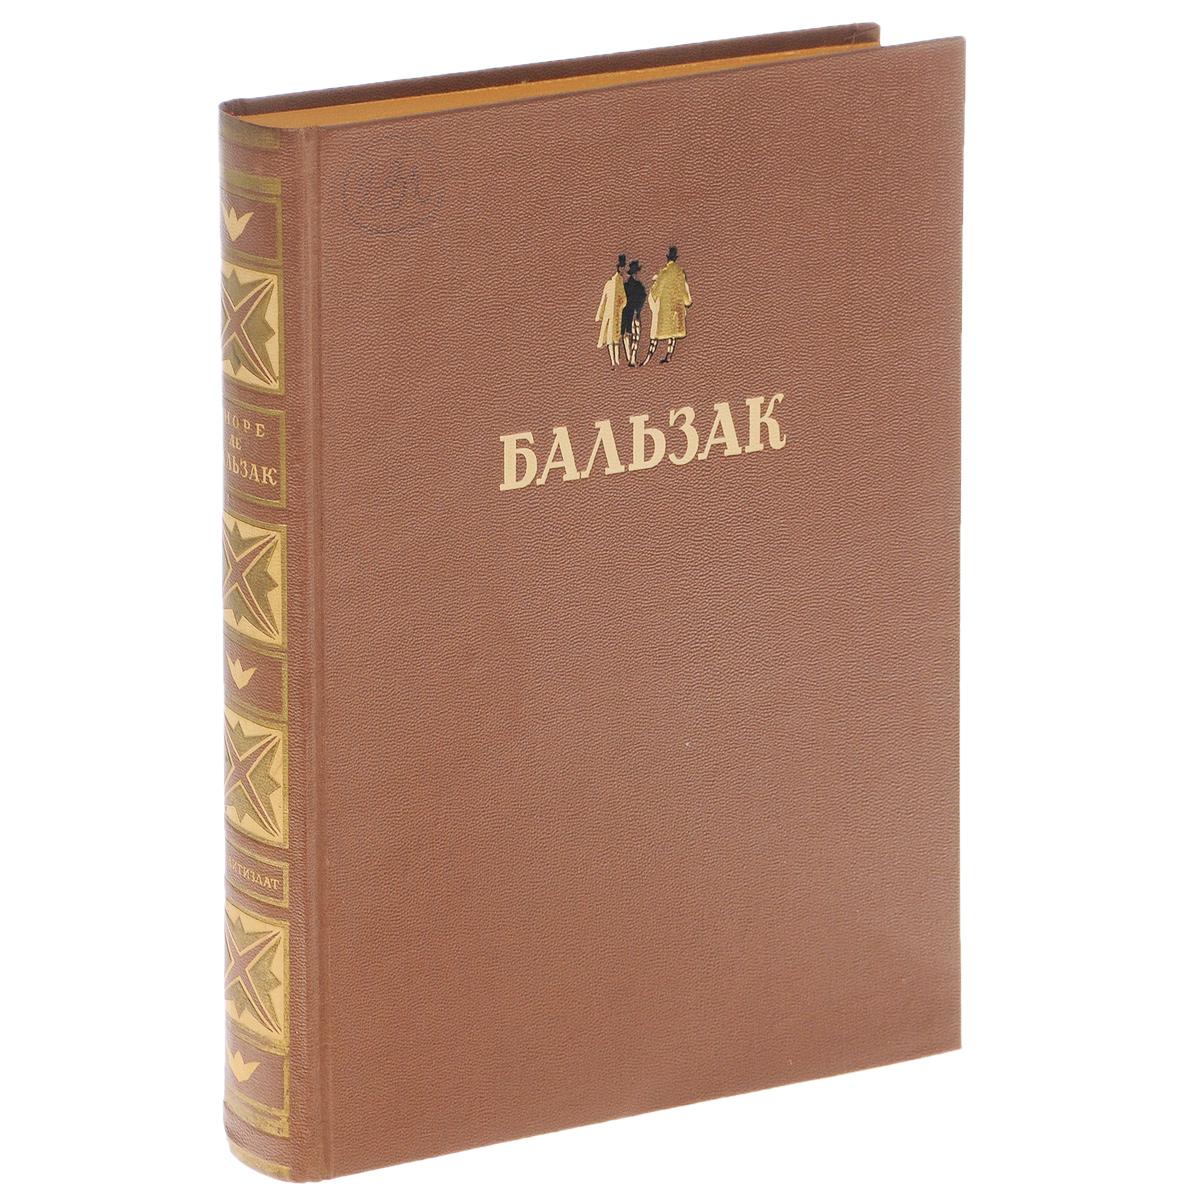 Оноре де Бальзак. Избранные произведения натан рыбак ошибка онорэ де бальзака